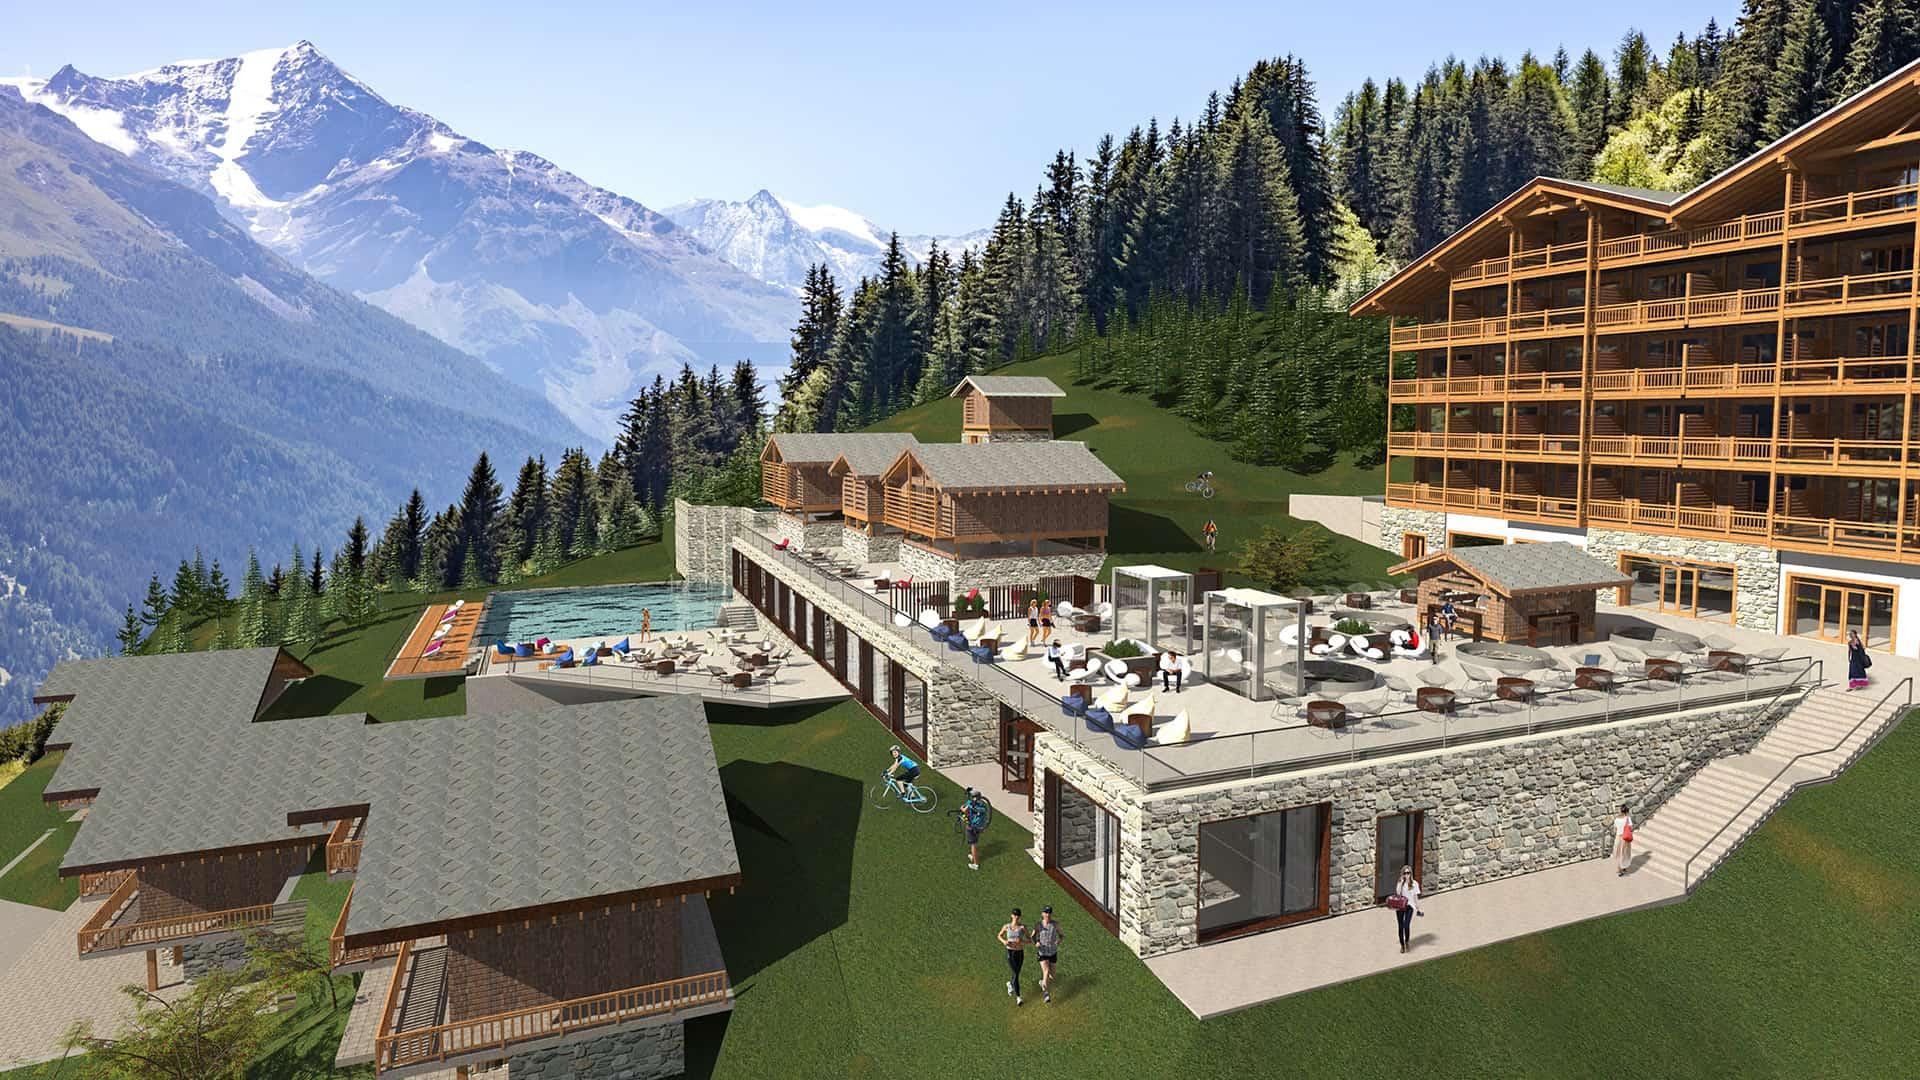 Maquette Bains Thermaux et Spa Dixence Resort | Projet immobilier en Valais, Suisse